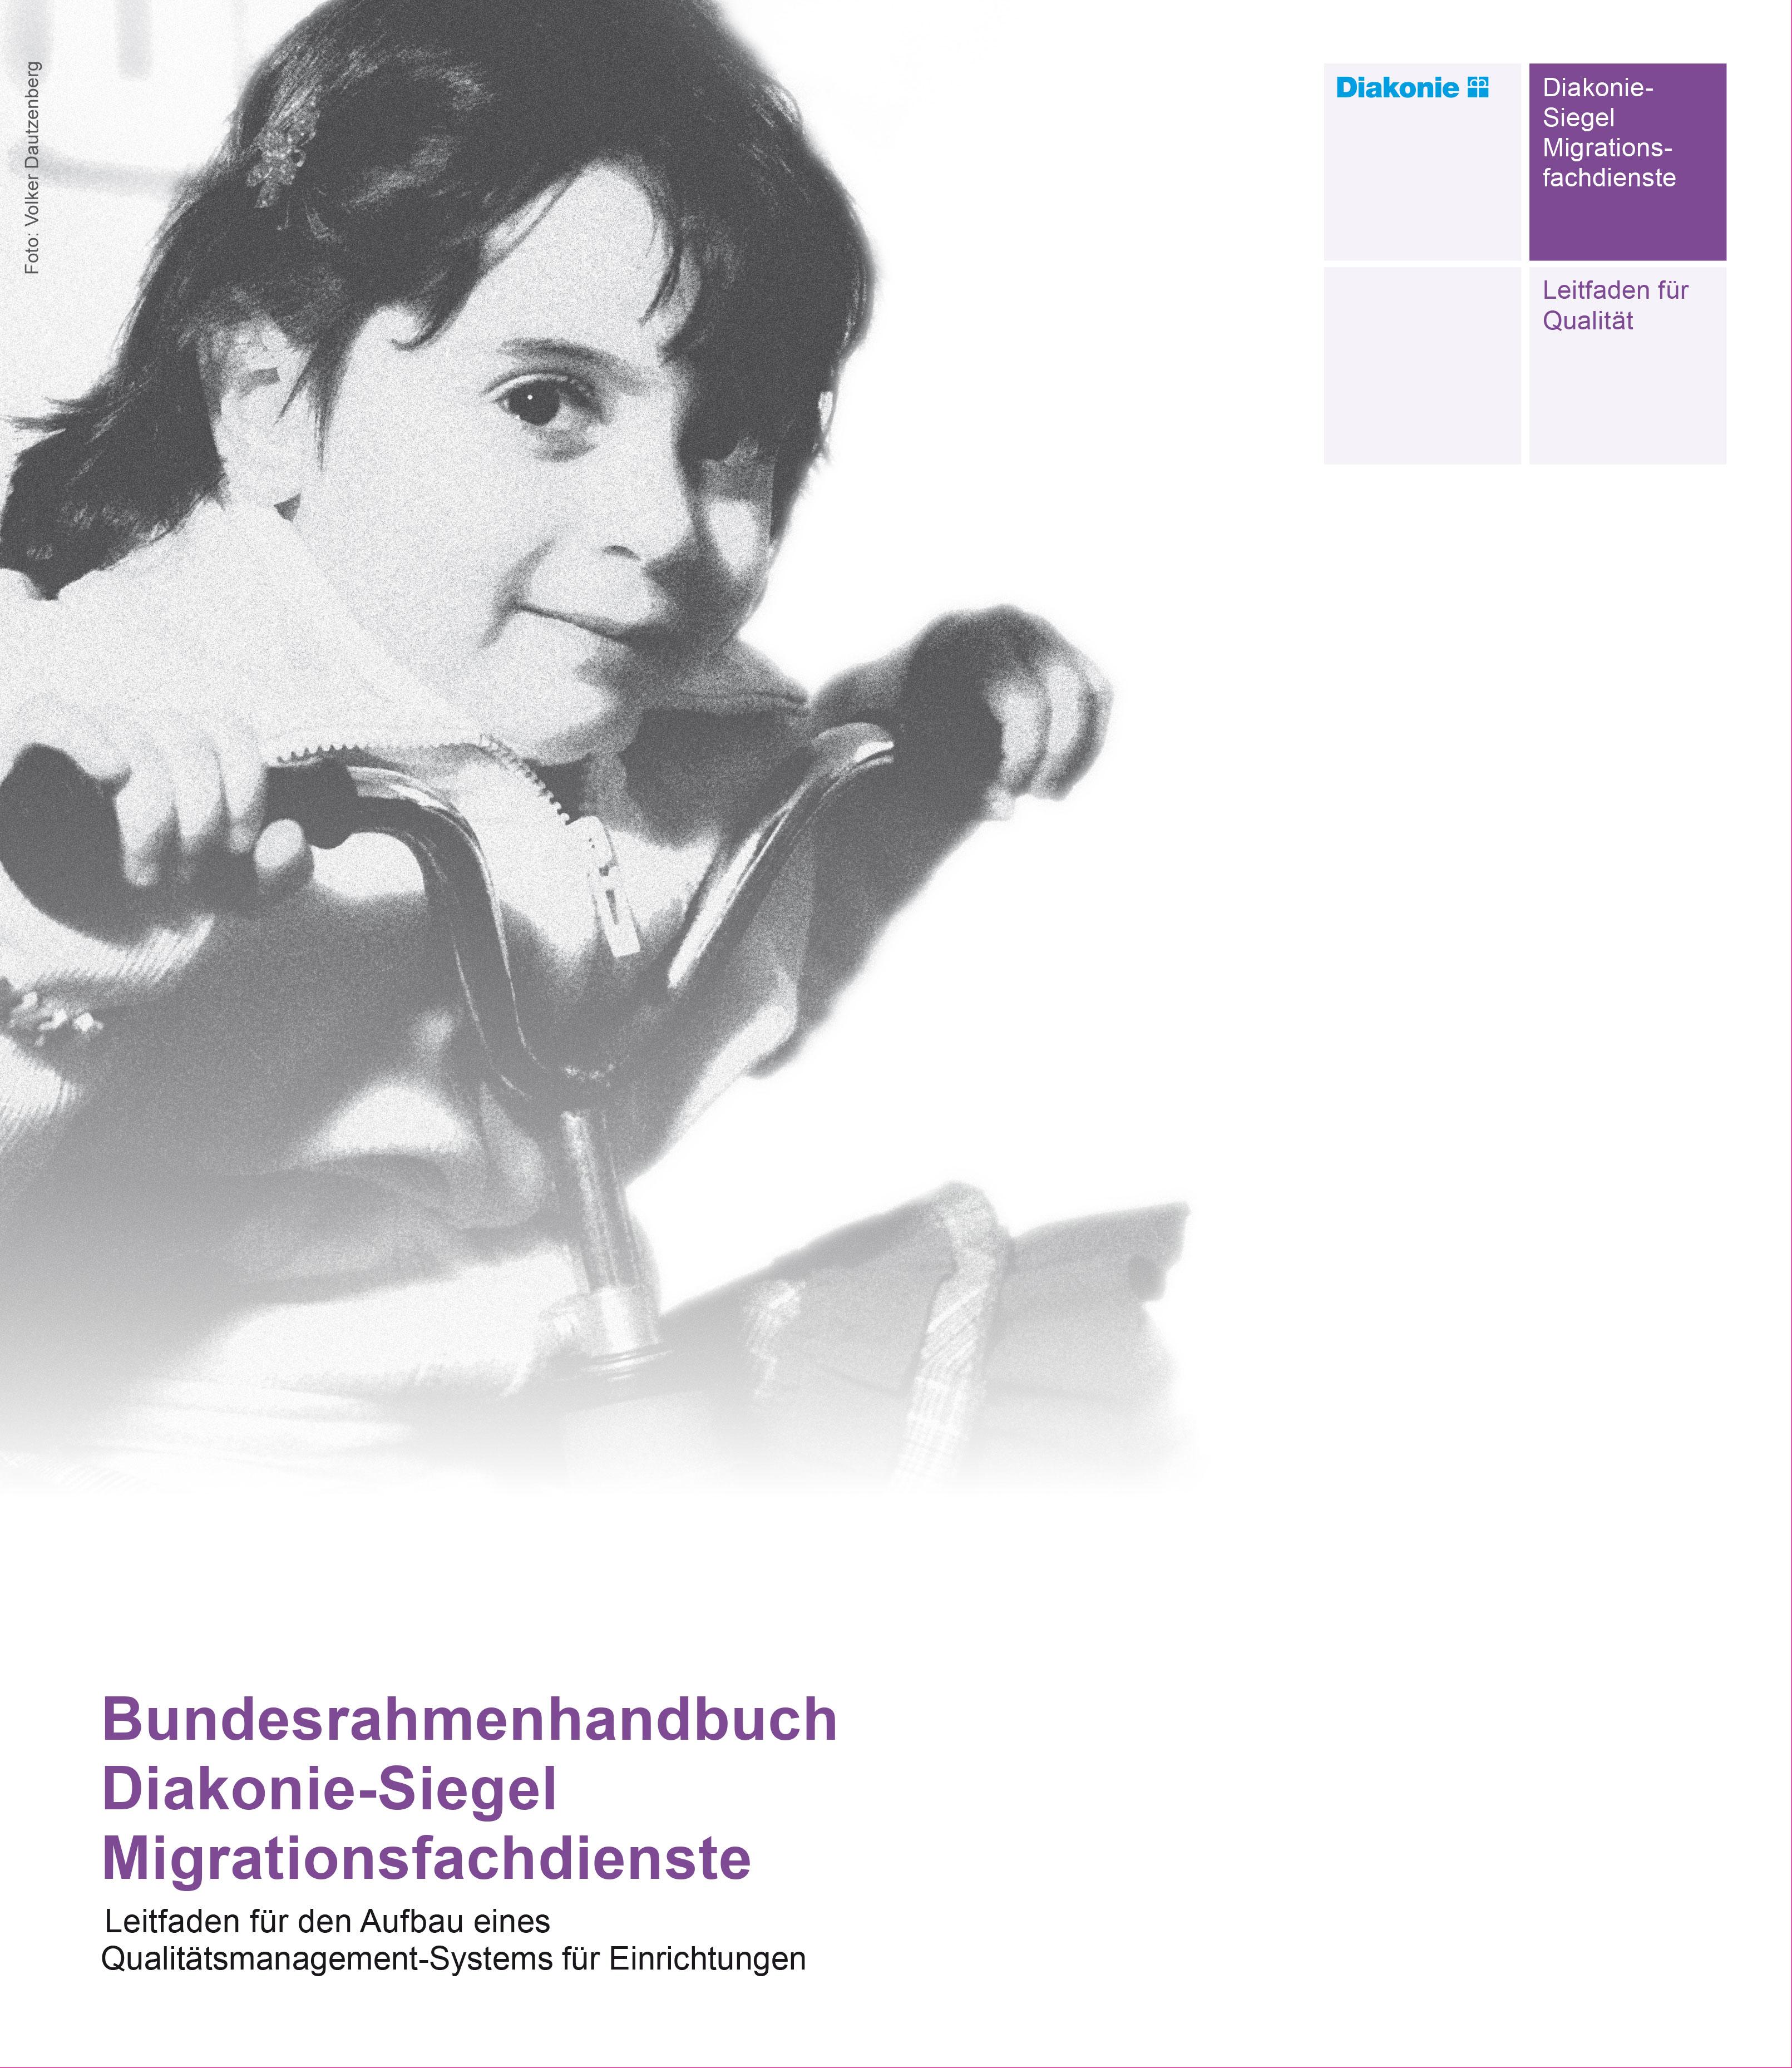 Bundesrahmenhandbuch Diakonie-Siegel Migrationsfachdienste